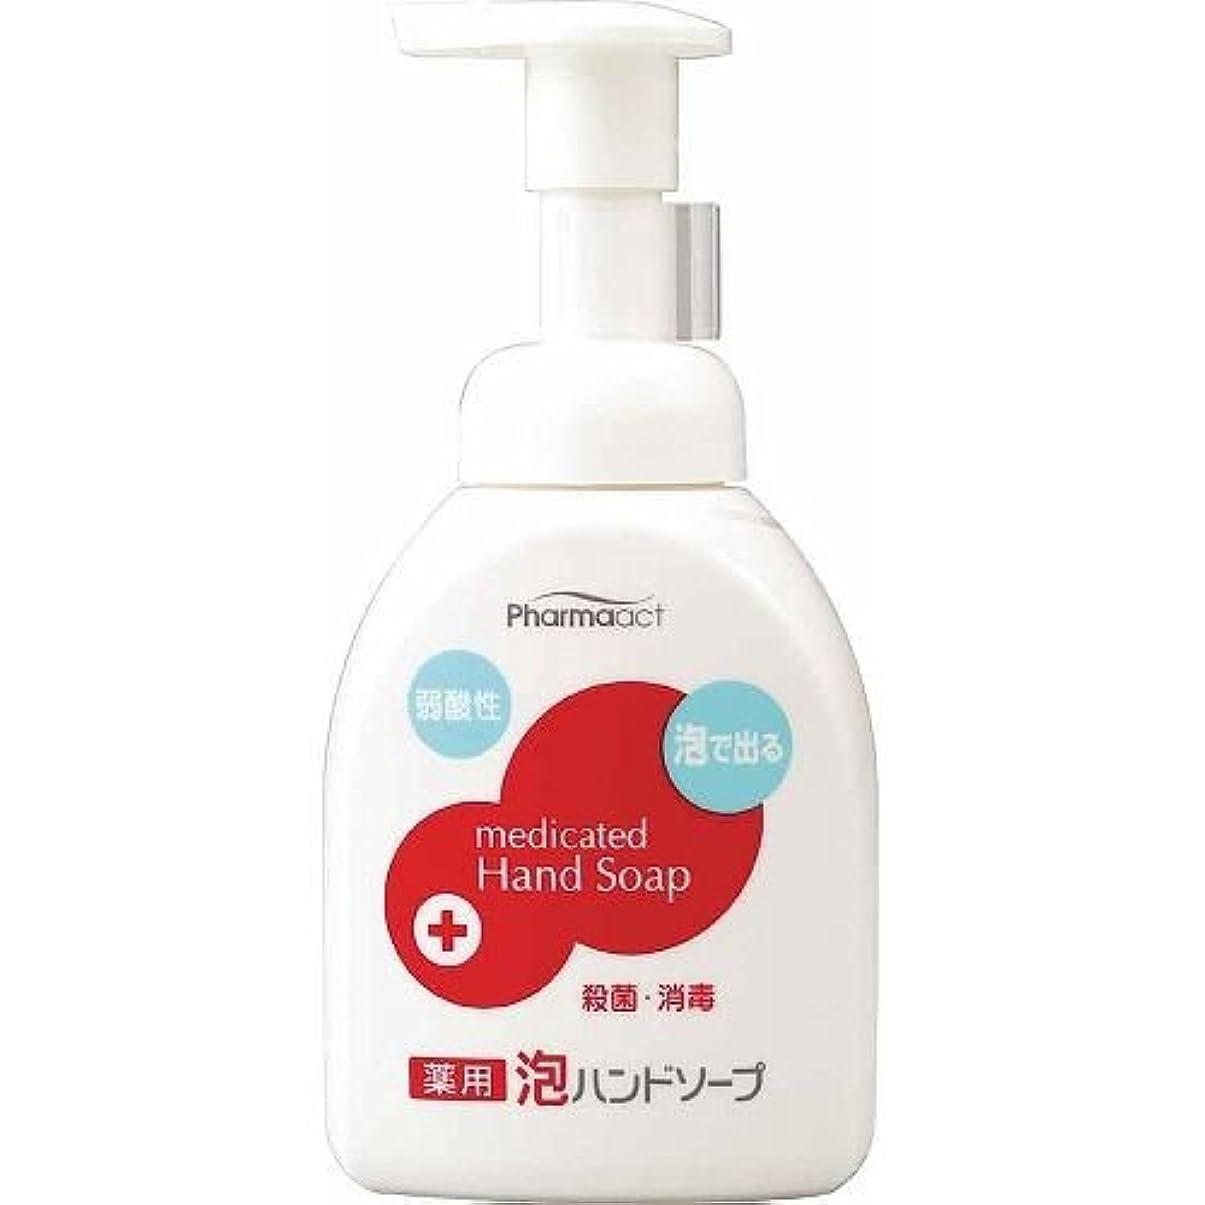 香水元の代理店【まとめ買い】ファーマアクト 弱酸性薬用泡ハンドソープボトル 250ml ×5個